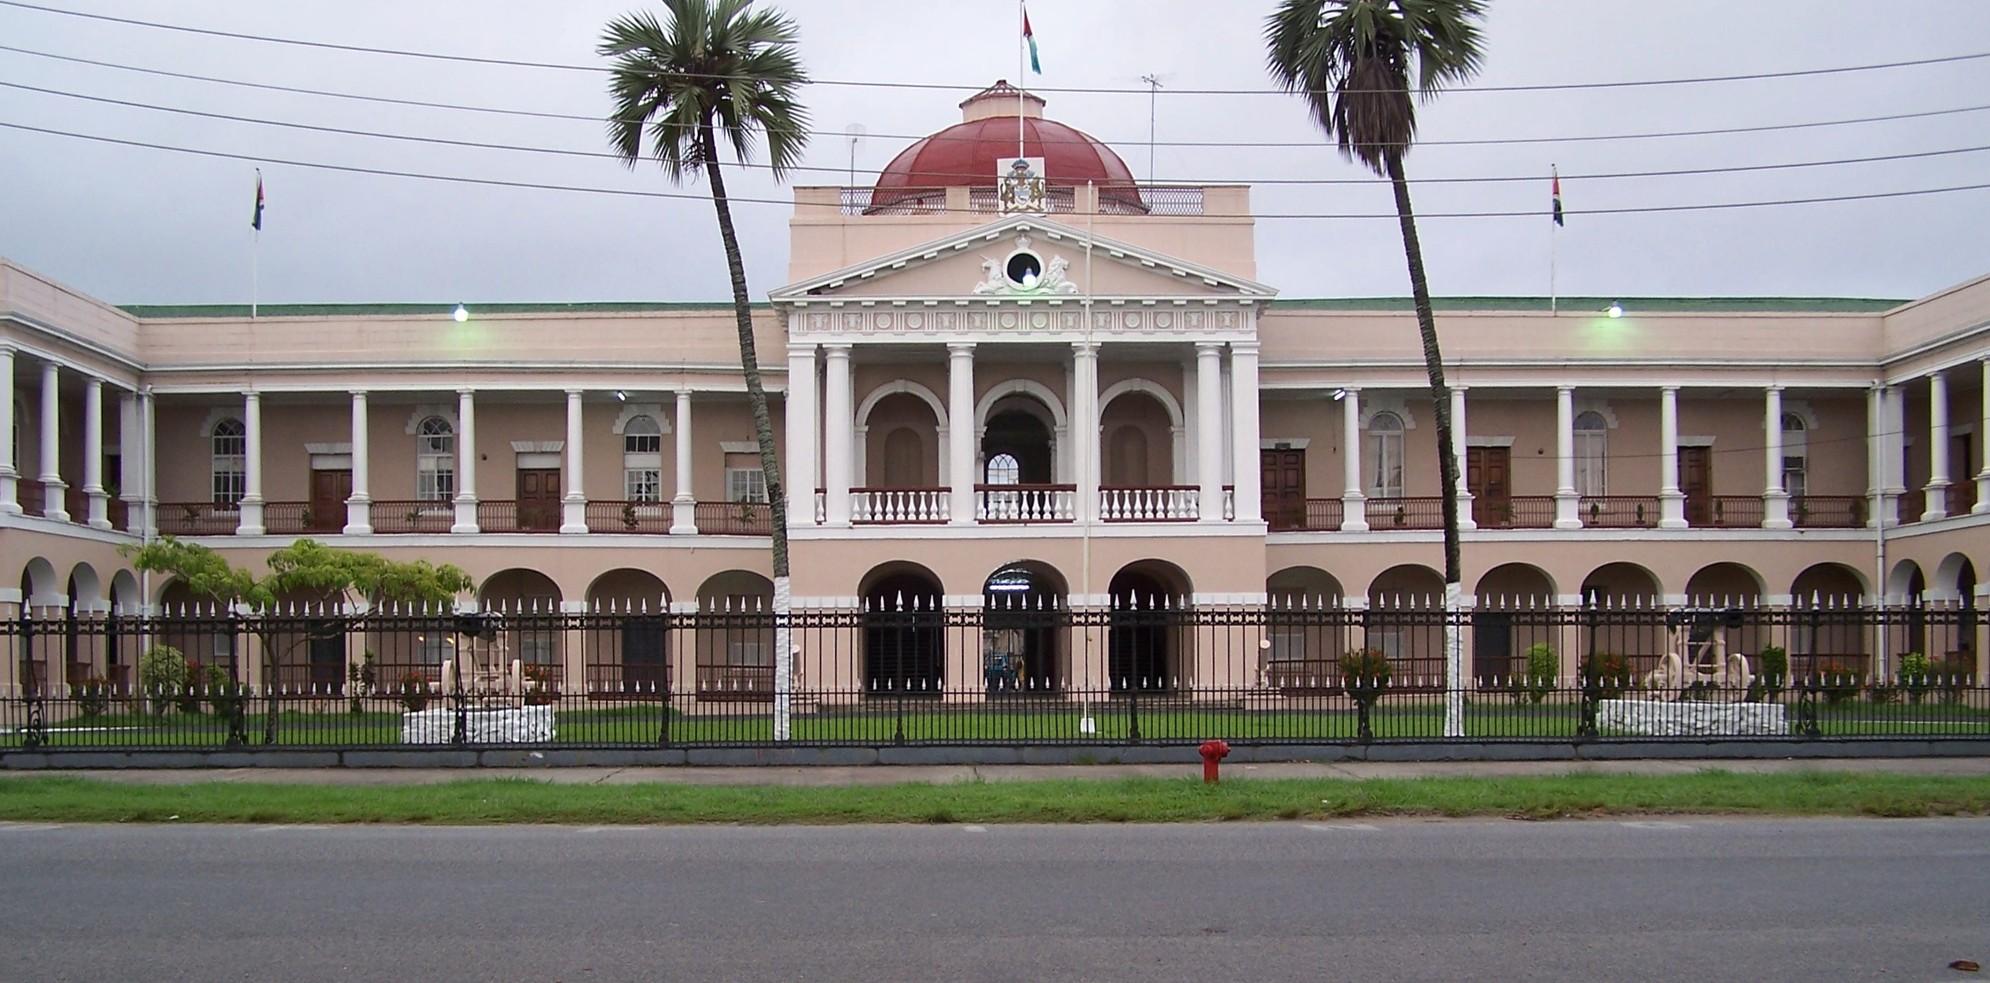 georgetown capitale de guyana